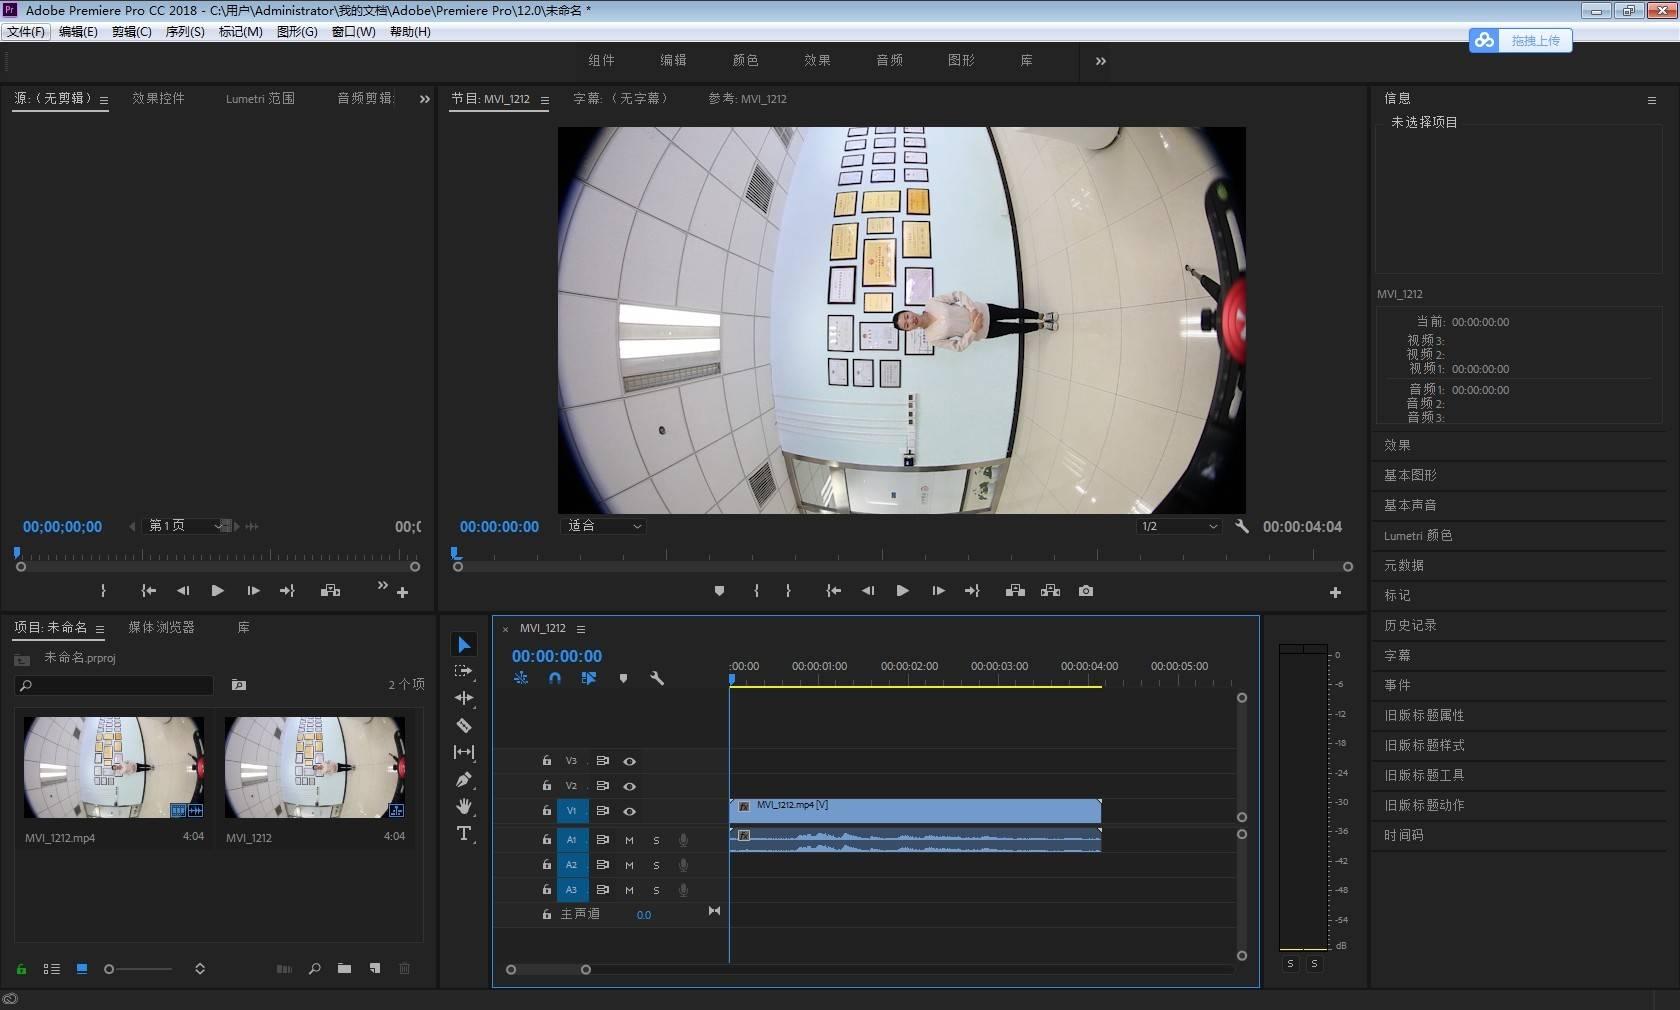 全景教程丨如何制作livepano动态变形热点视频?-酷雷曼全景问答